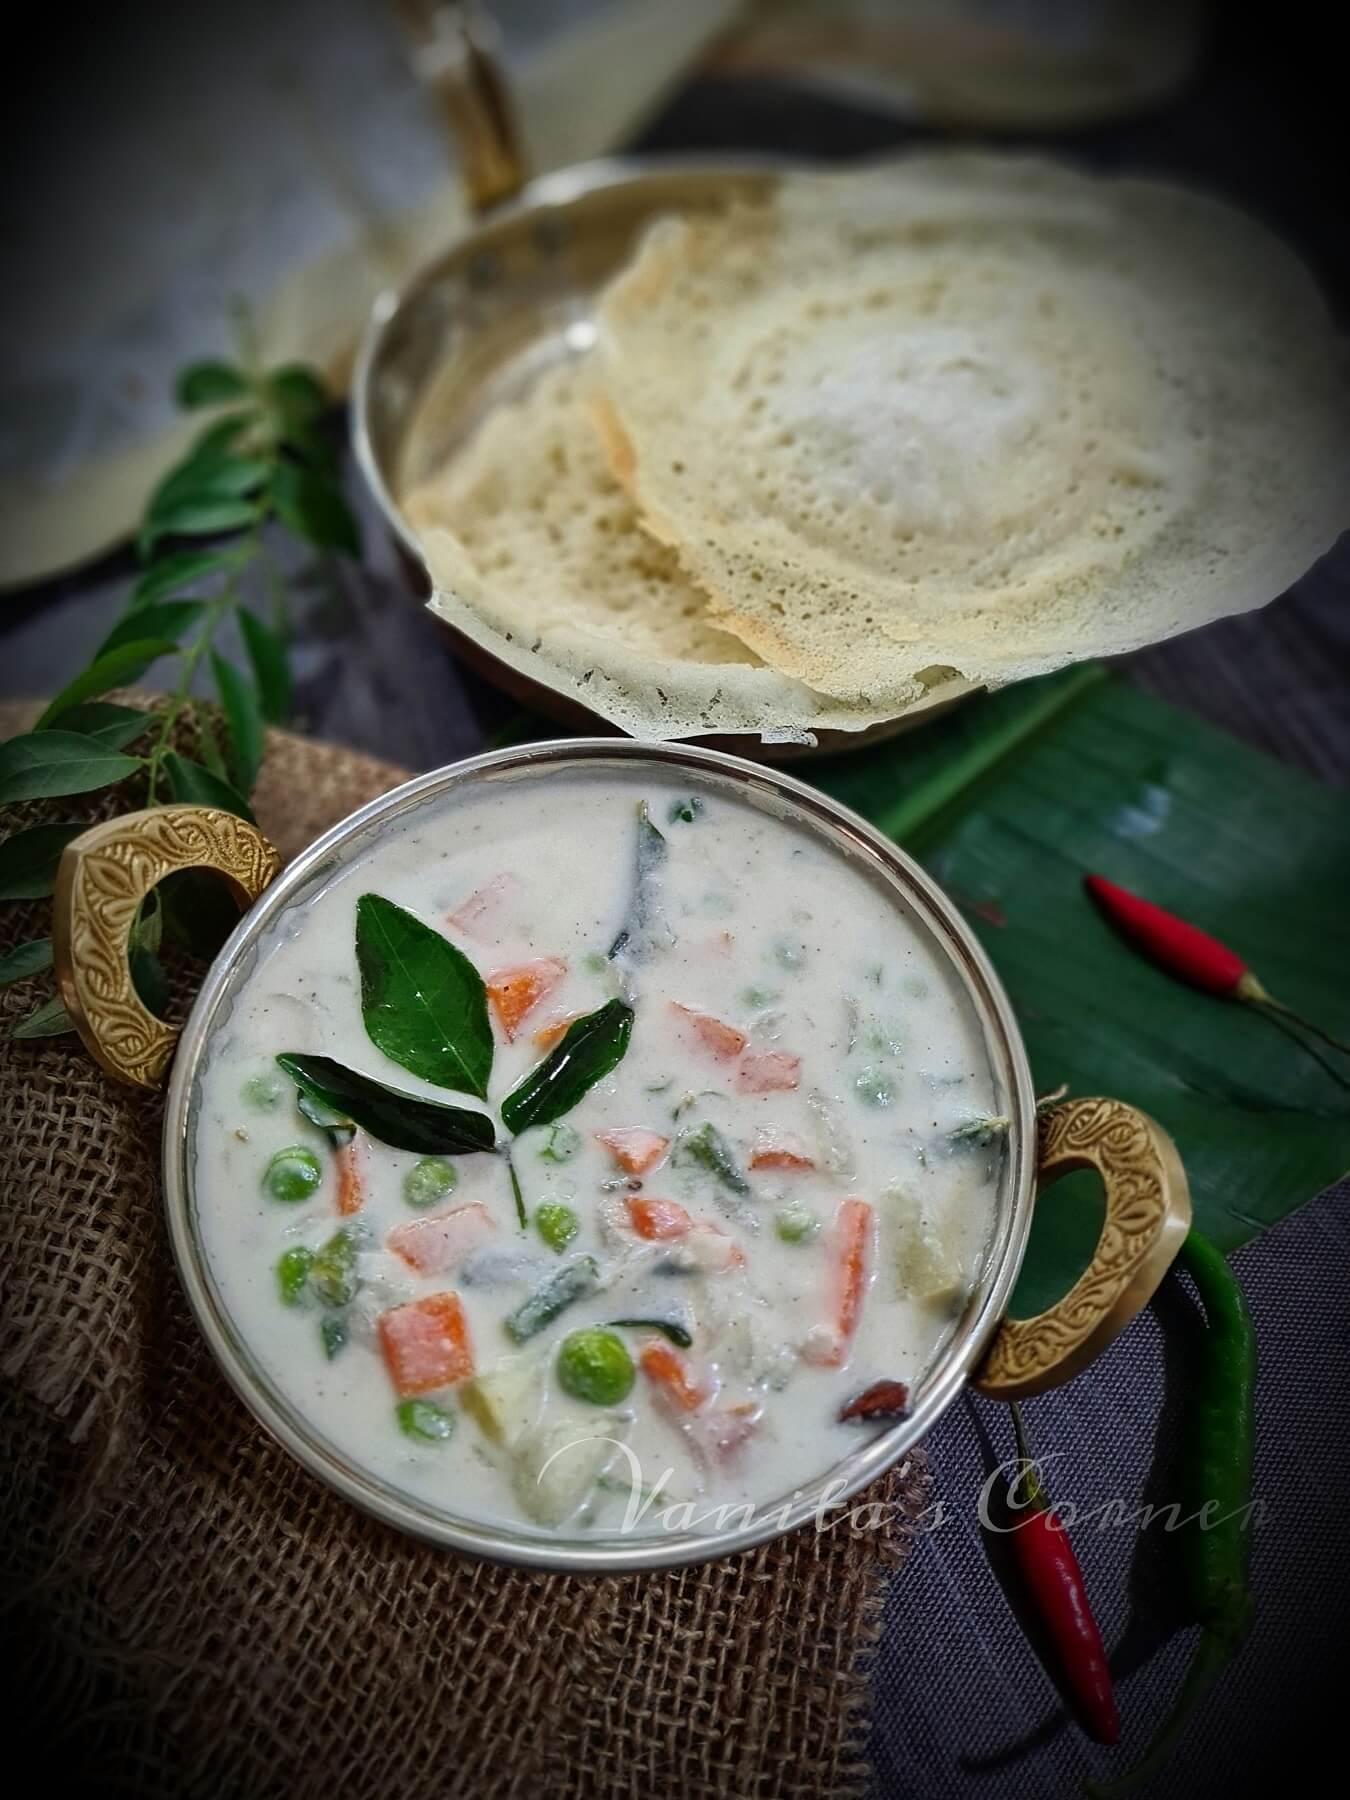 Kerala Vegetable Stew